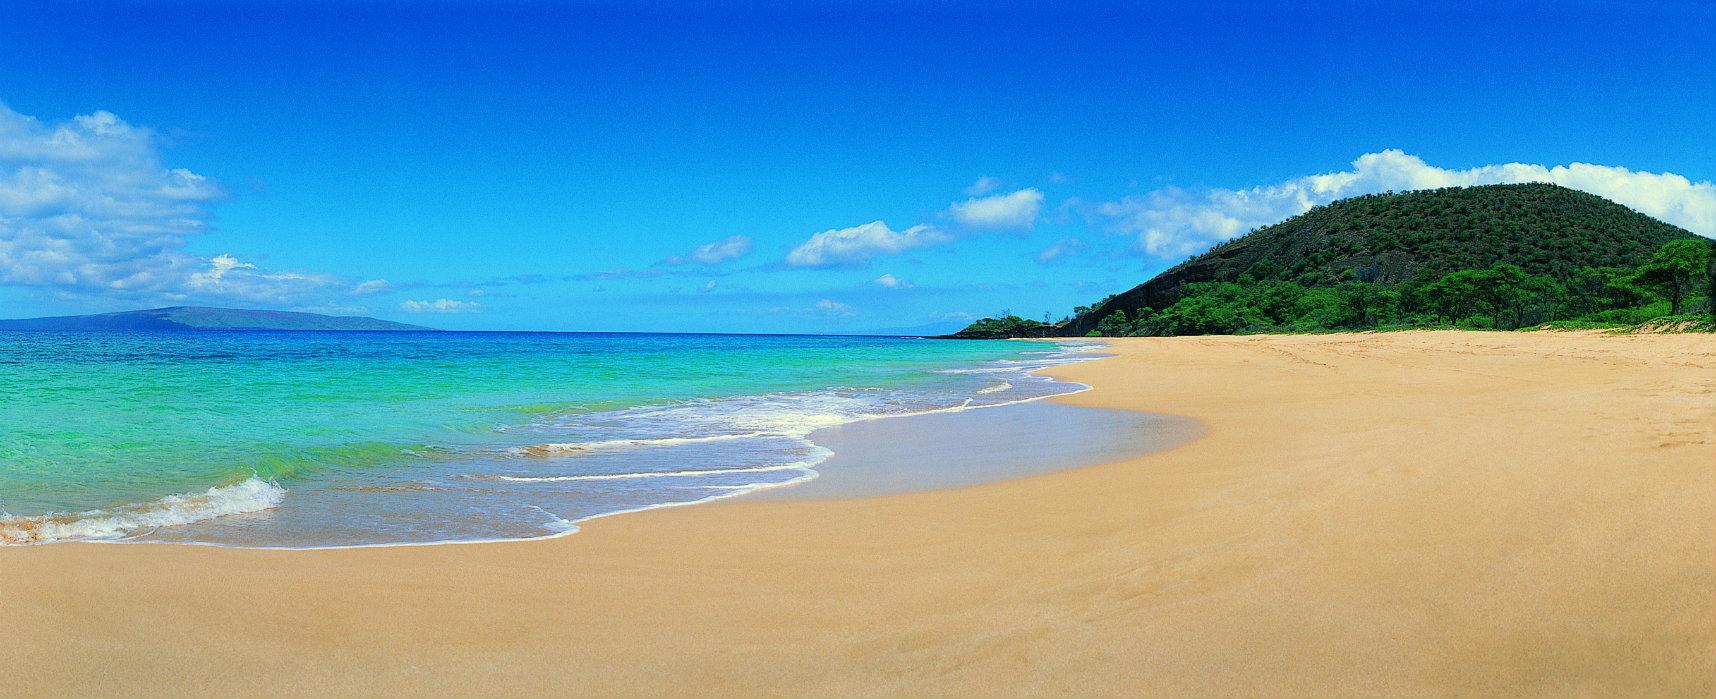 Maui : Hawaii comme dans les films